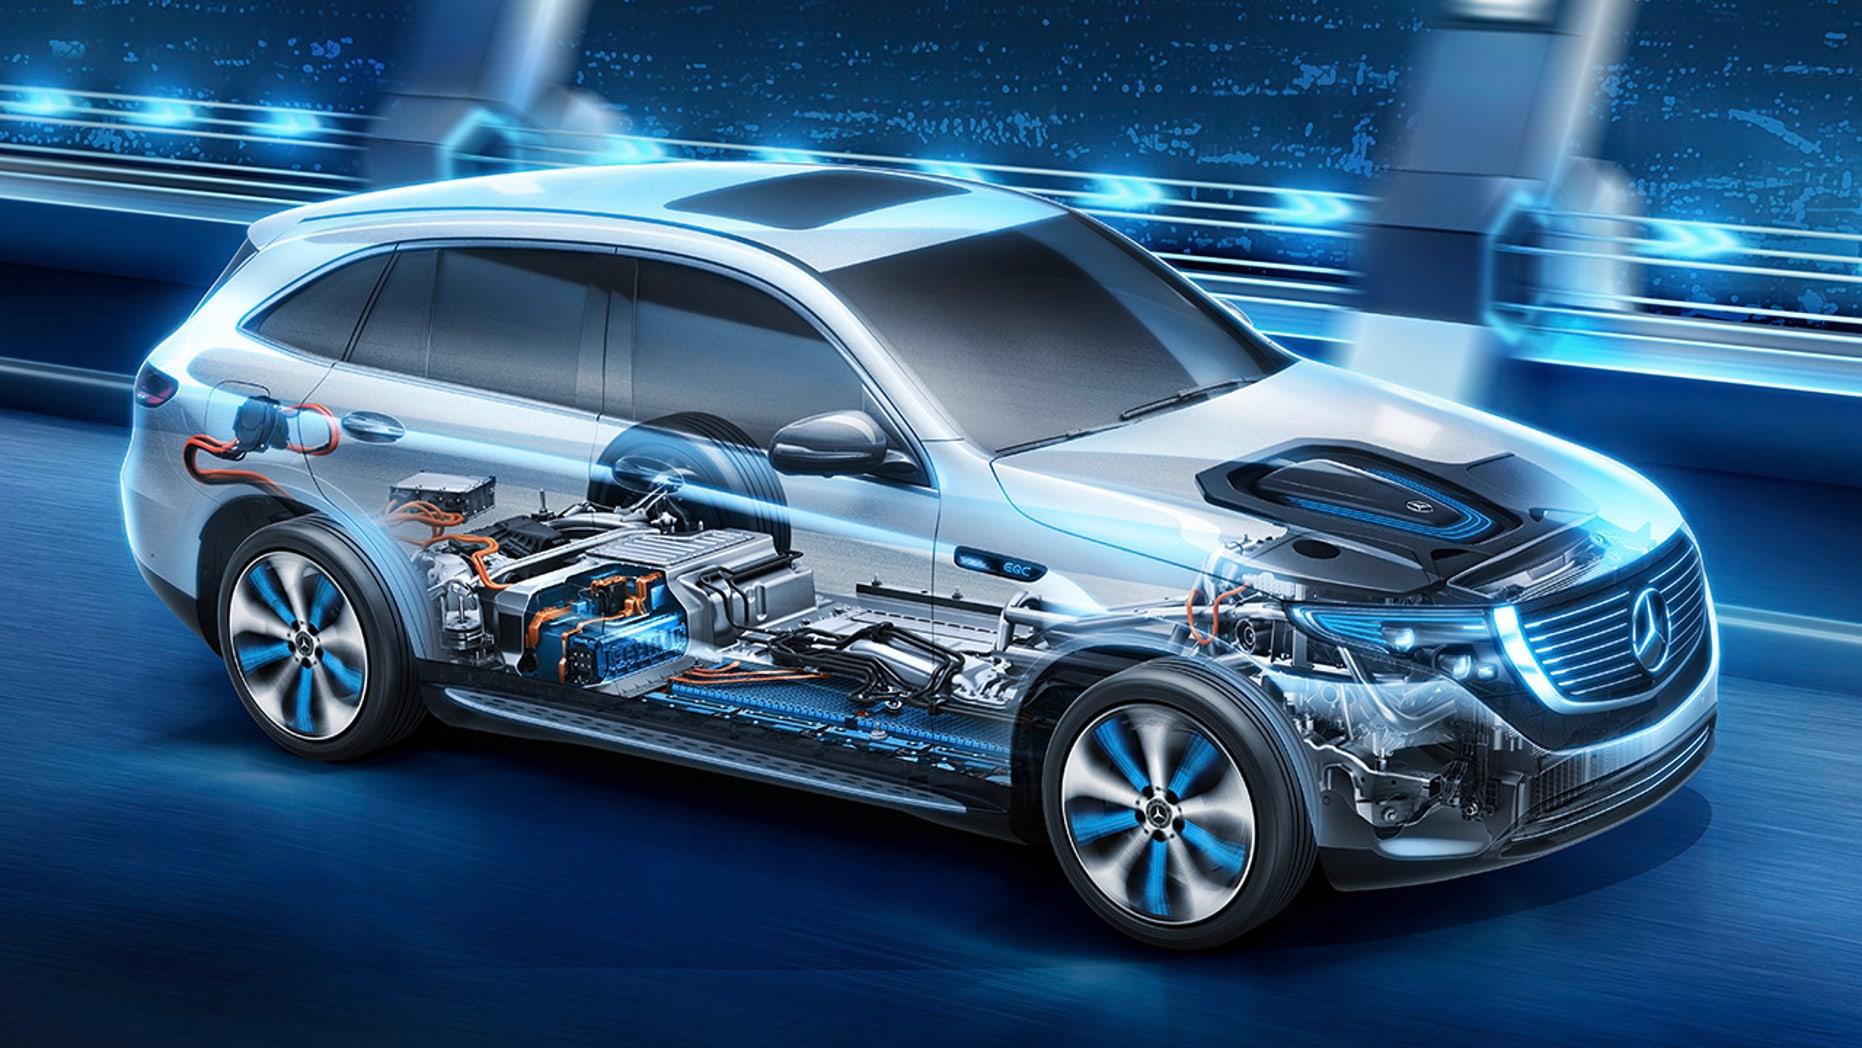 Der Mercedes-Benz EQC trägt an Vorder- und Hinterachse je einen kompakten elektrischen Antriebsstrang (eATS) und hat damit die Fahreigenschaften eines Allradantriebs. Die intelligente Steuerung erlaubt über einen weiten Betriebsbereich eine dynamische Momentenverteilung zwischen den beiden angetriebenen Achsen und schafft so die Voraussetzungen für hohe Fahrdynamik. Kernstück des Mercedes-Benz EQC ist die im Fahrzeugboden angeordnete Lithium-Ionen-Batterie aus eigener Produktion. Der neue Mercedes-Benz ECQ (Stromverbrauch kombiniert: 22,2 kWh/100 km; CO2 Emissionen kombiniert: 0 g/km, Angaben vorläufig) // The EQC has a compact electric powerpack at each axle, giving the vehicle the driving characteristics of an all-wheel drive. Over a wide operating range, the intelligent control allows dynamic torque distribution between the two driven axles, creating the conditions for high vehicle dynamics. The centrepiece of the Mercedes-Benz EQC is the lithium-ion battery from in-house production housed in the vehicle floor. The new Mercedes-Benz EQC (combined power consumption: 22.2 kWh/100 km; combined CO2 emissions: 0 g/km, provisional figures)